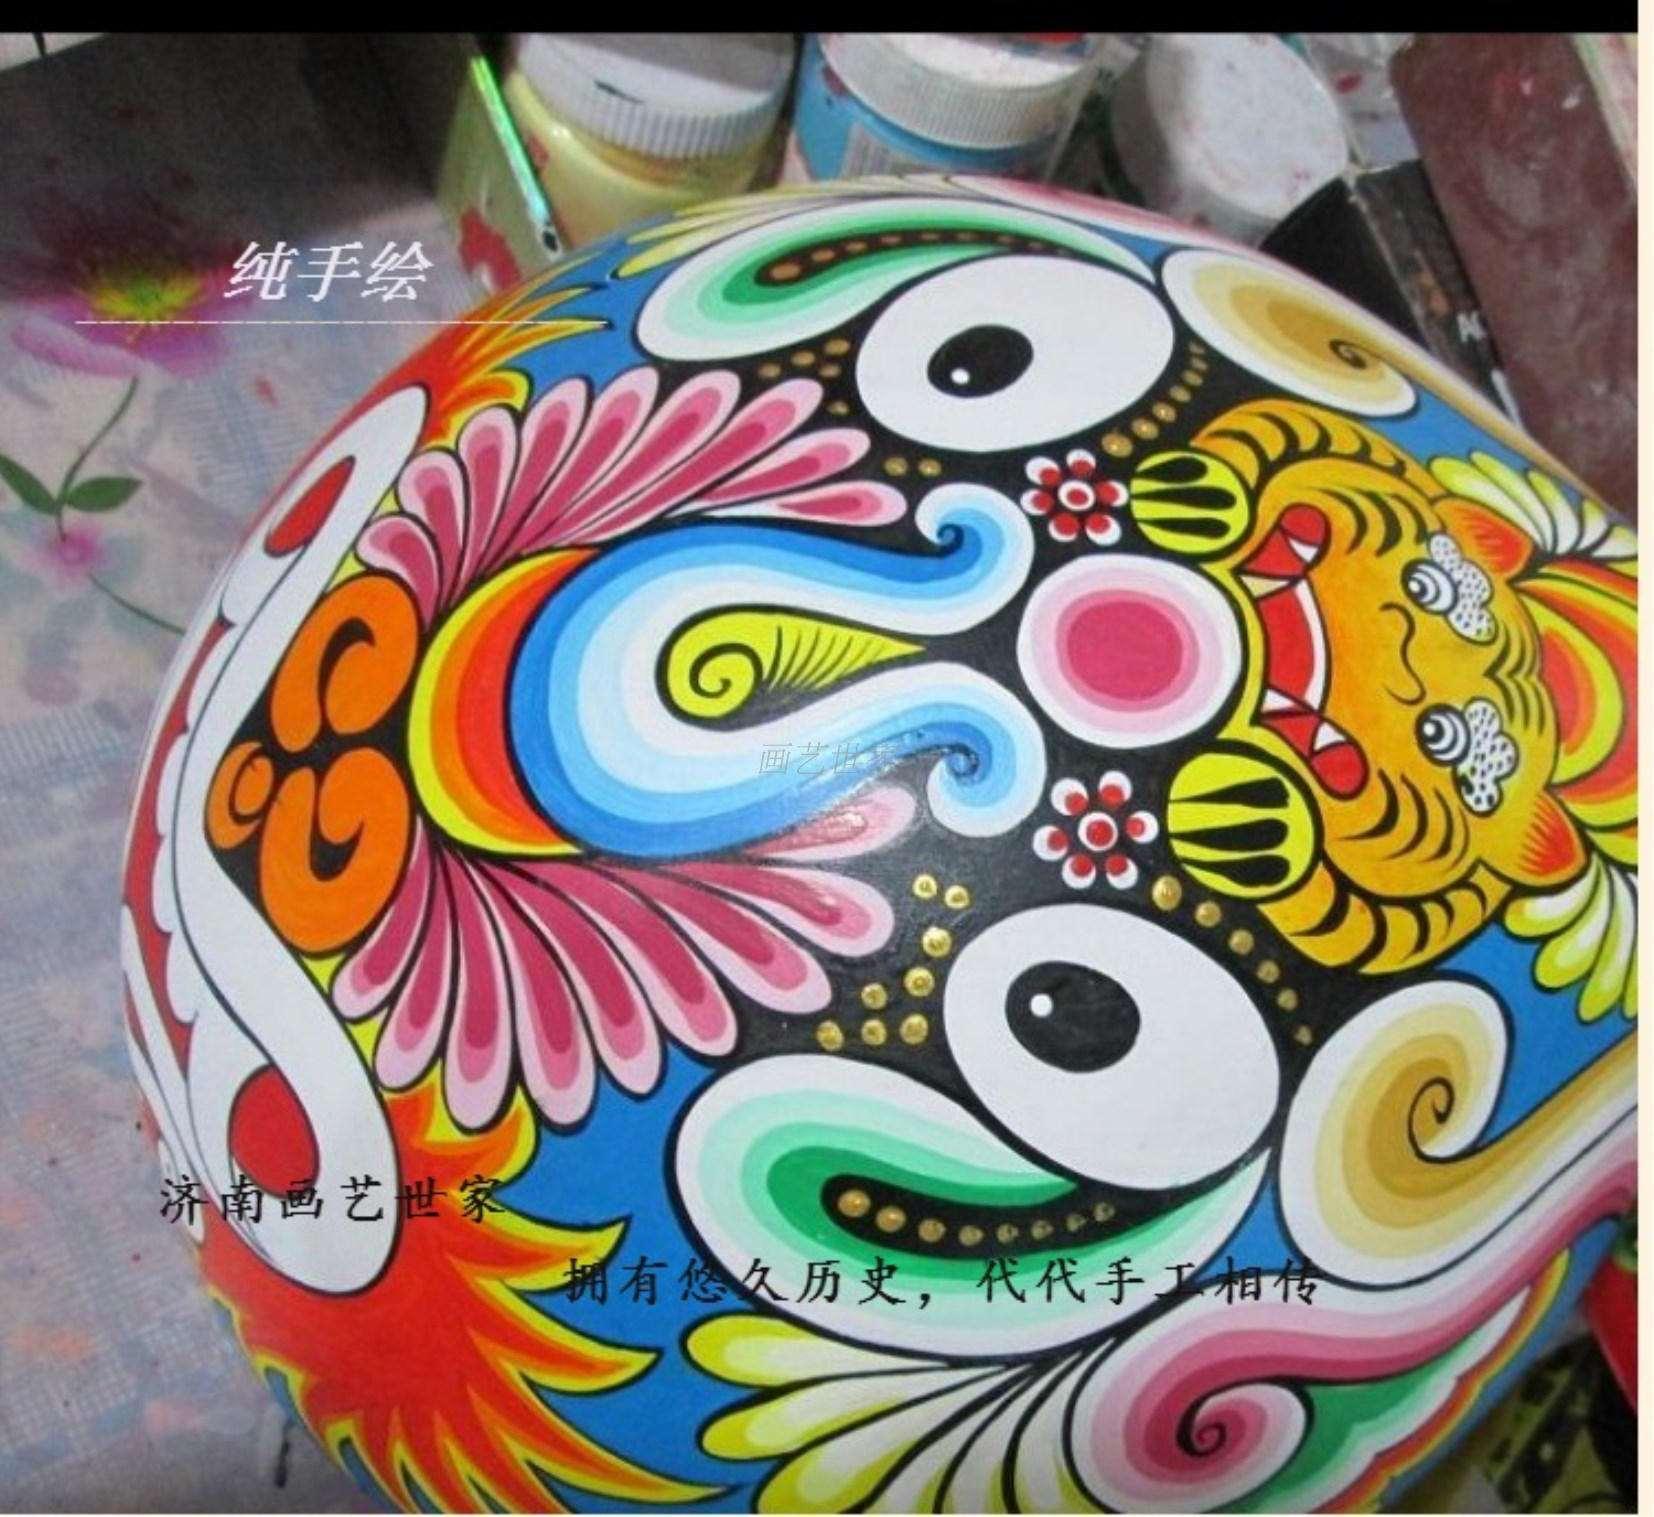 新品手绘纸浆马勺脸谱摆件挂件中国特色手工艺出国送老外小礼品